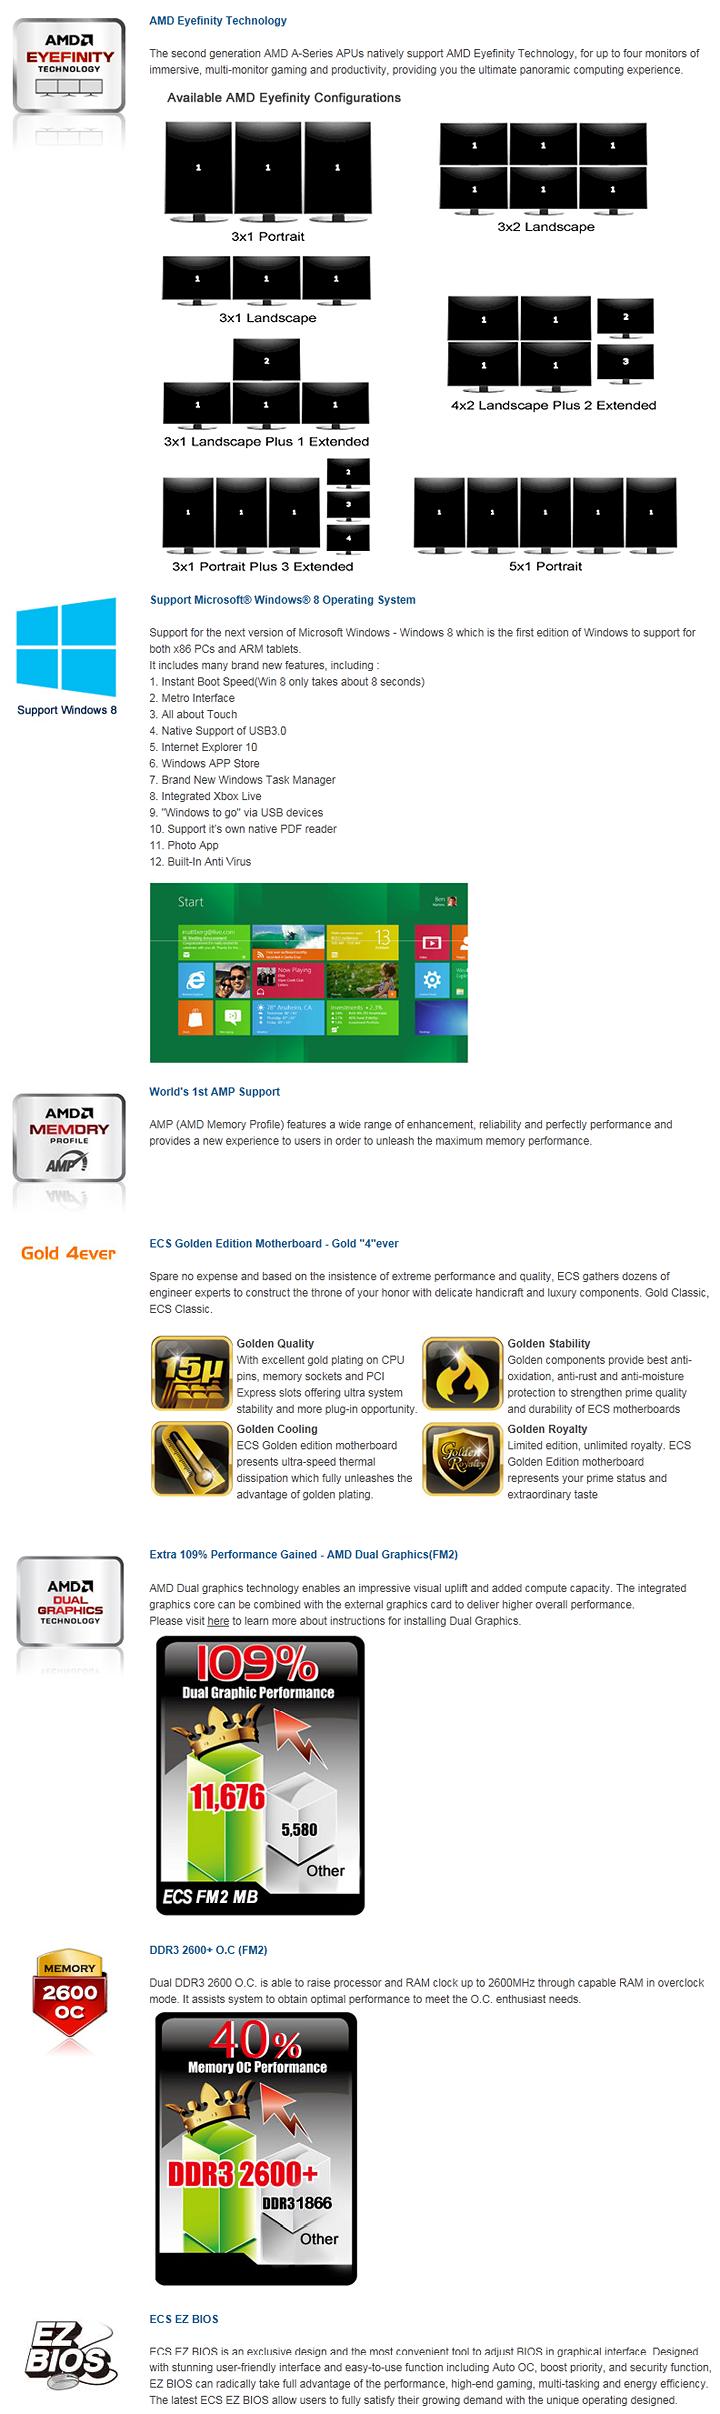 ss2 ECS A85F2 A Golden FM2 Motherboard Review